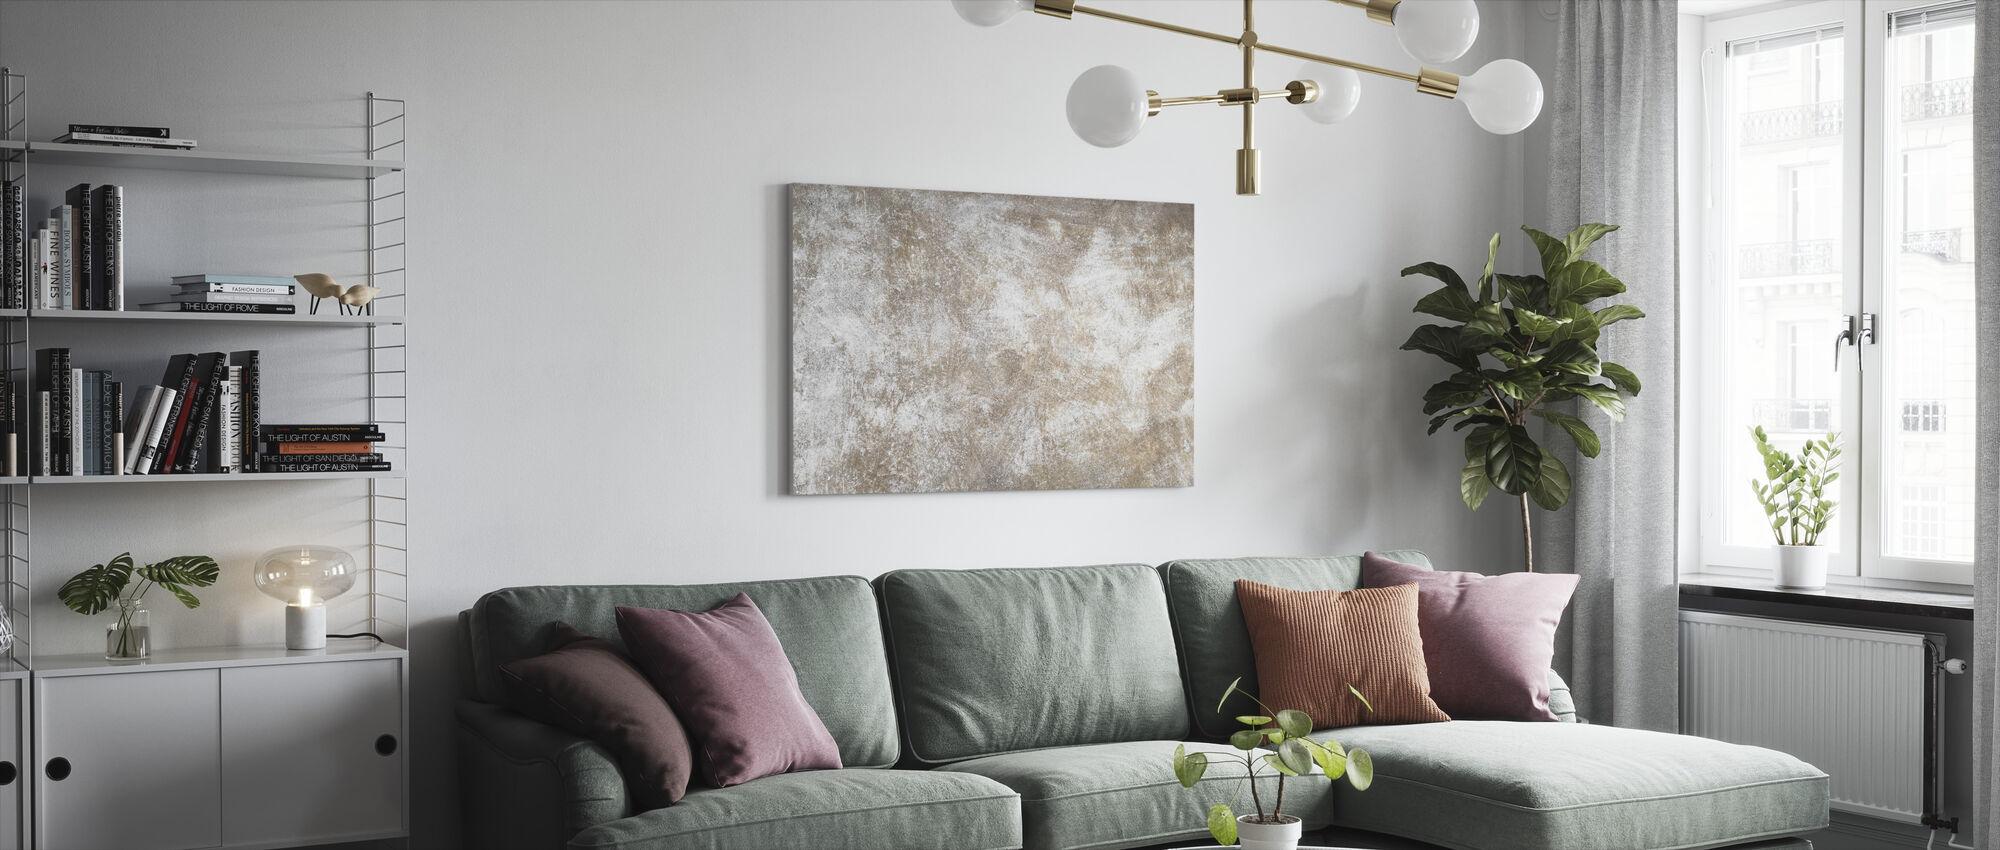 Podrapany brązowy mur - Obraz na płótnie - Pokój dzienny